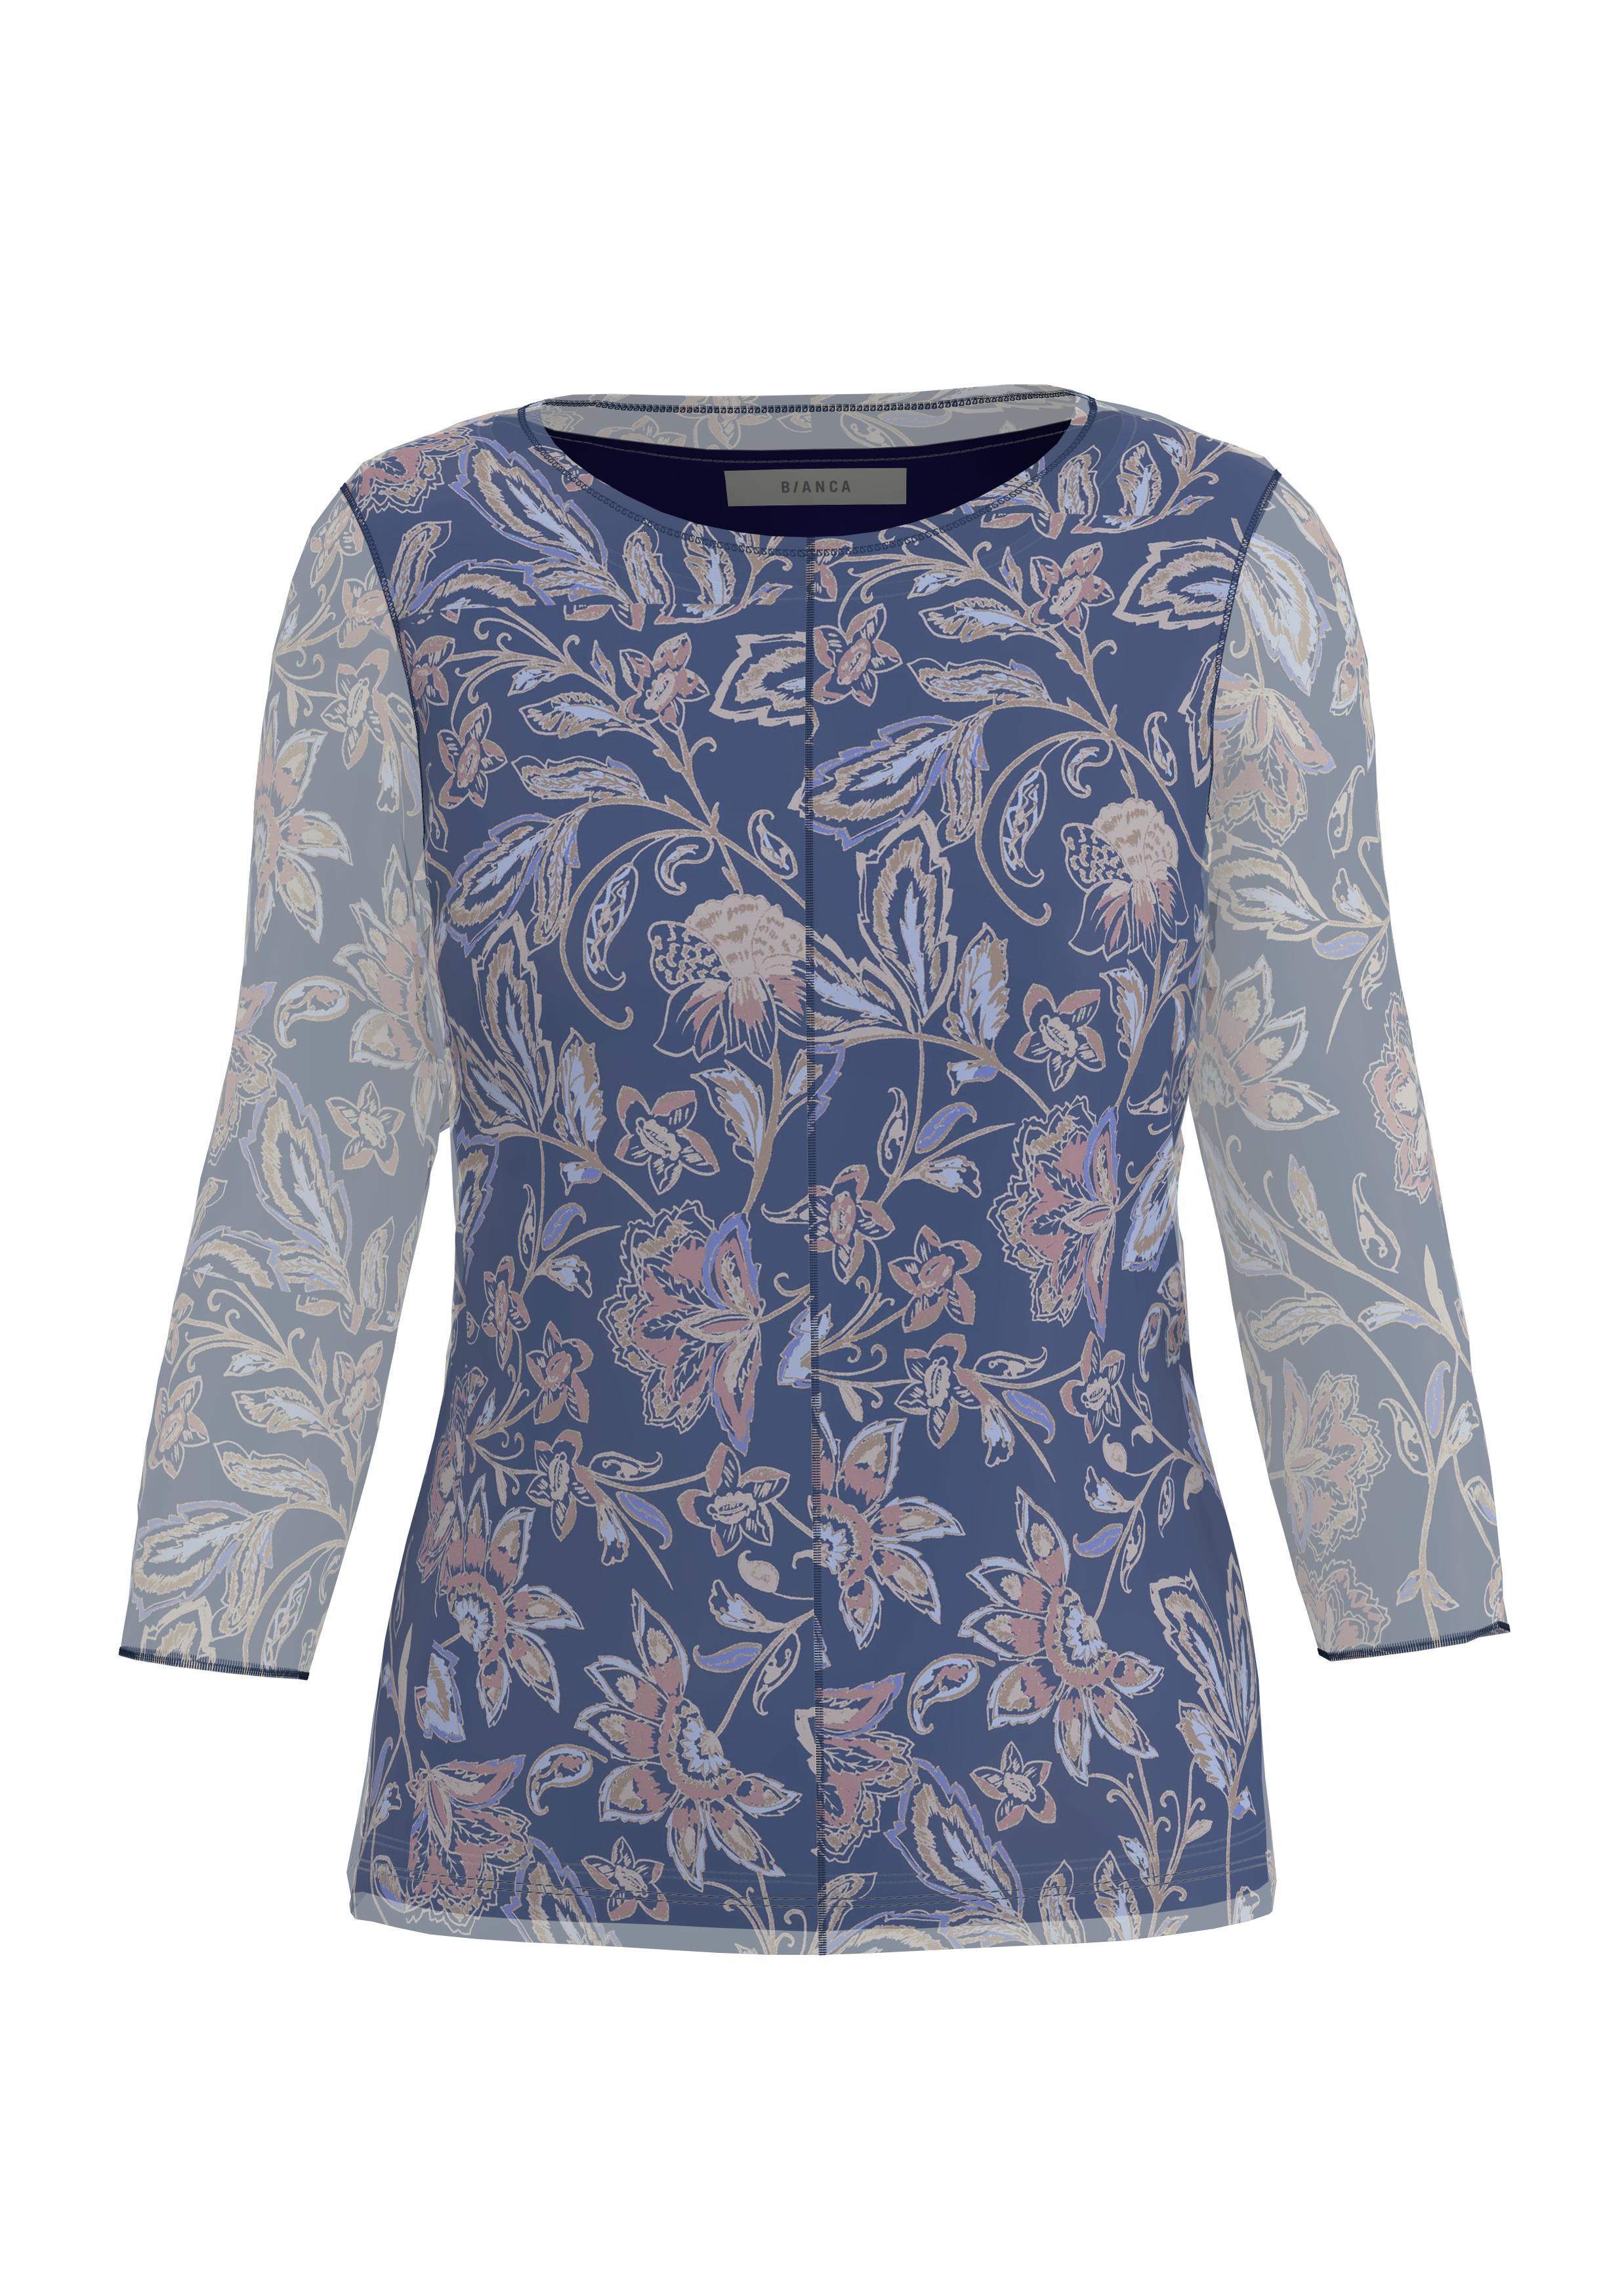 Bianca langarm Shirt mit floralem Muster blau